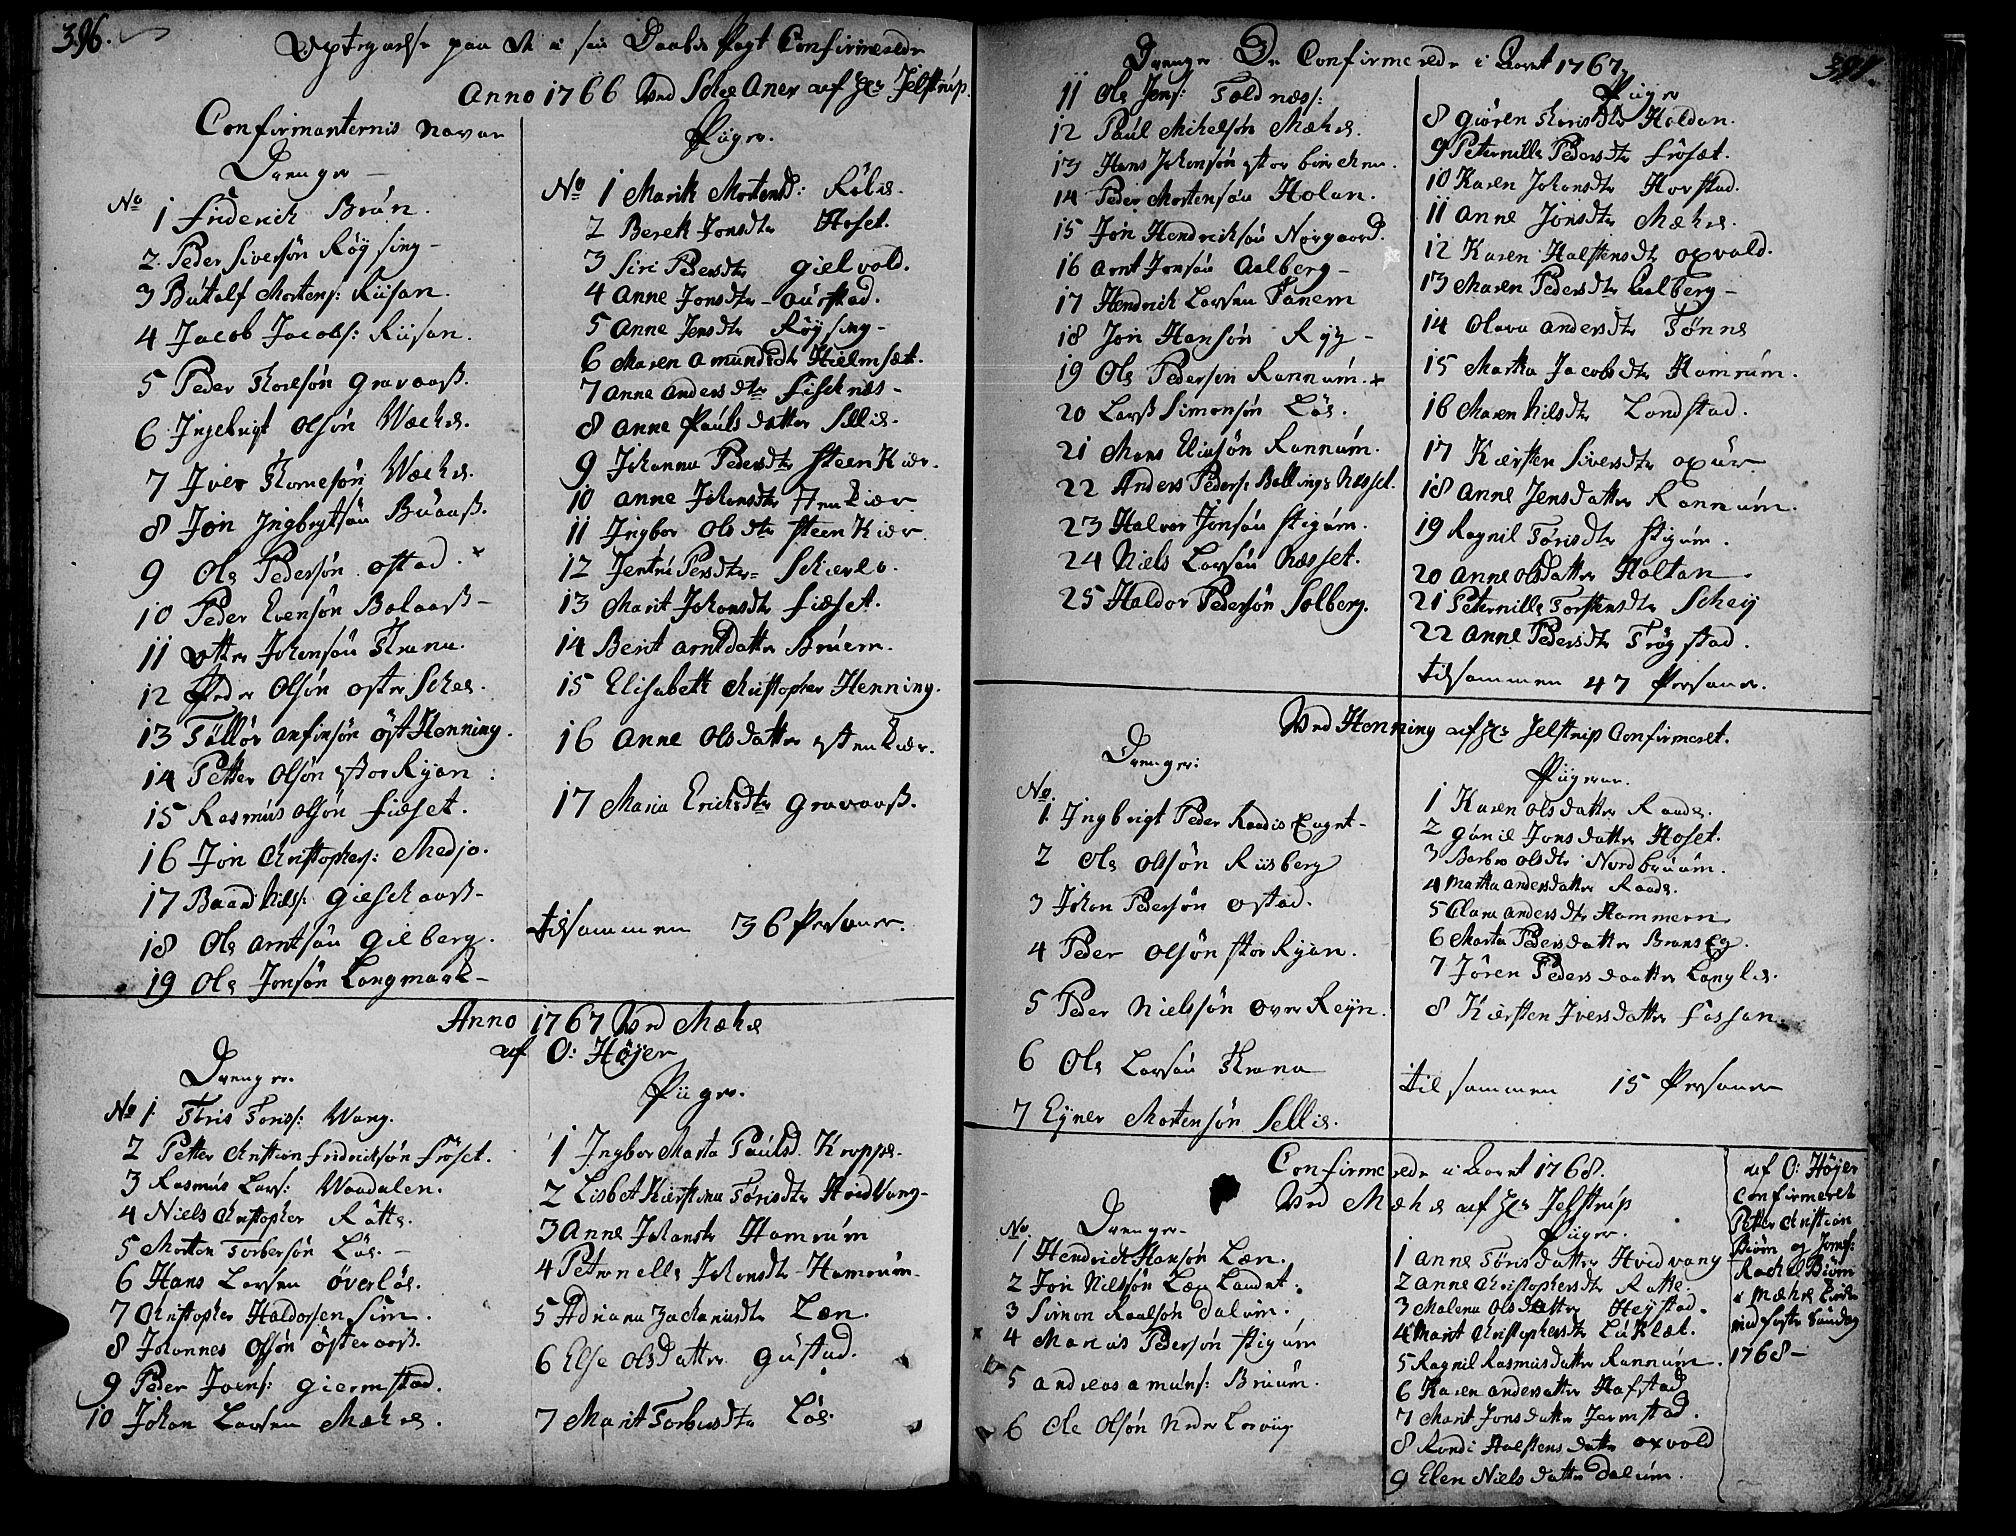 SAT, Ministerialprotokoller, klokkerbøker og fødselsregistre - Nord-Trøndelag, 735/L0331: Parish register (official) no. 735A02, 1762-1794, p. 396-397